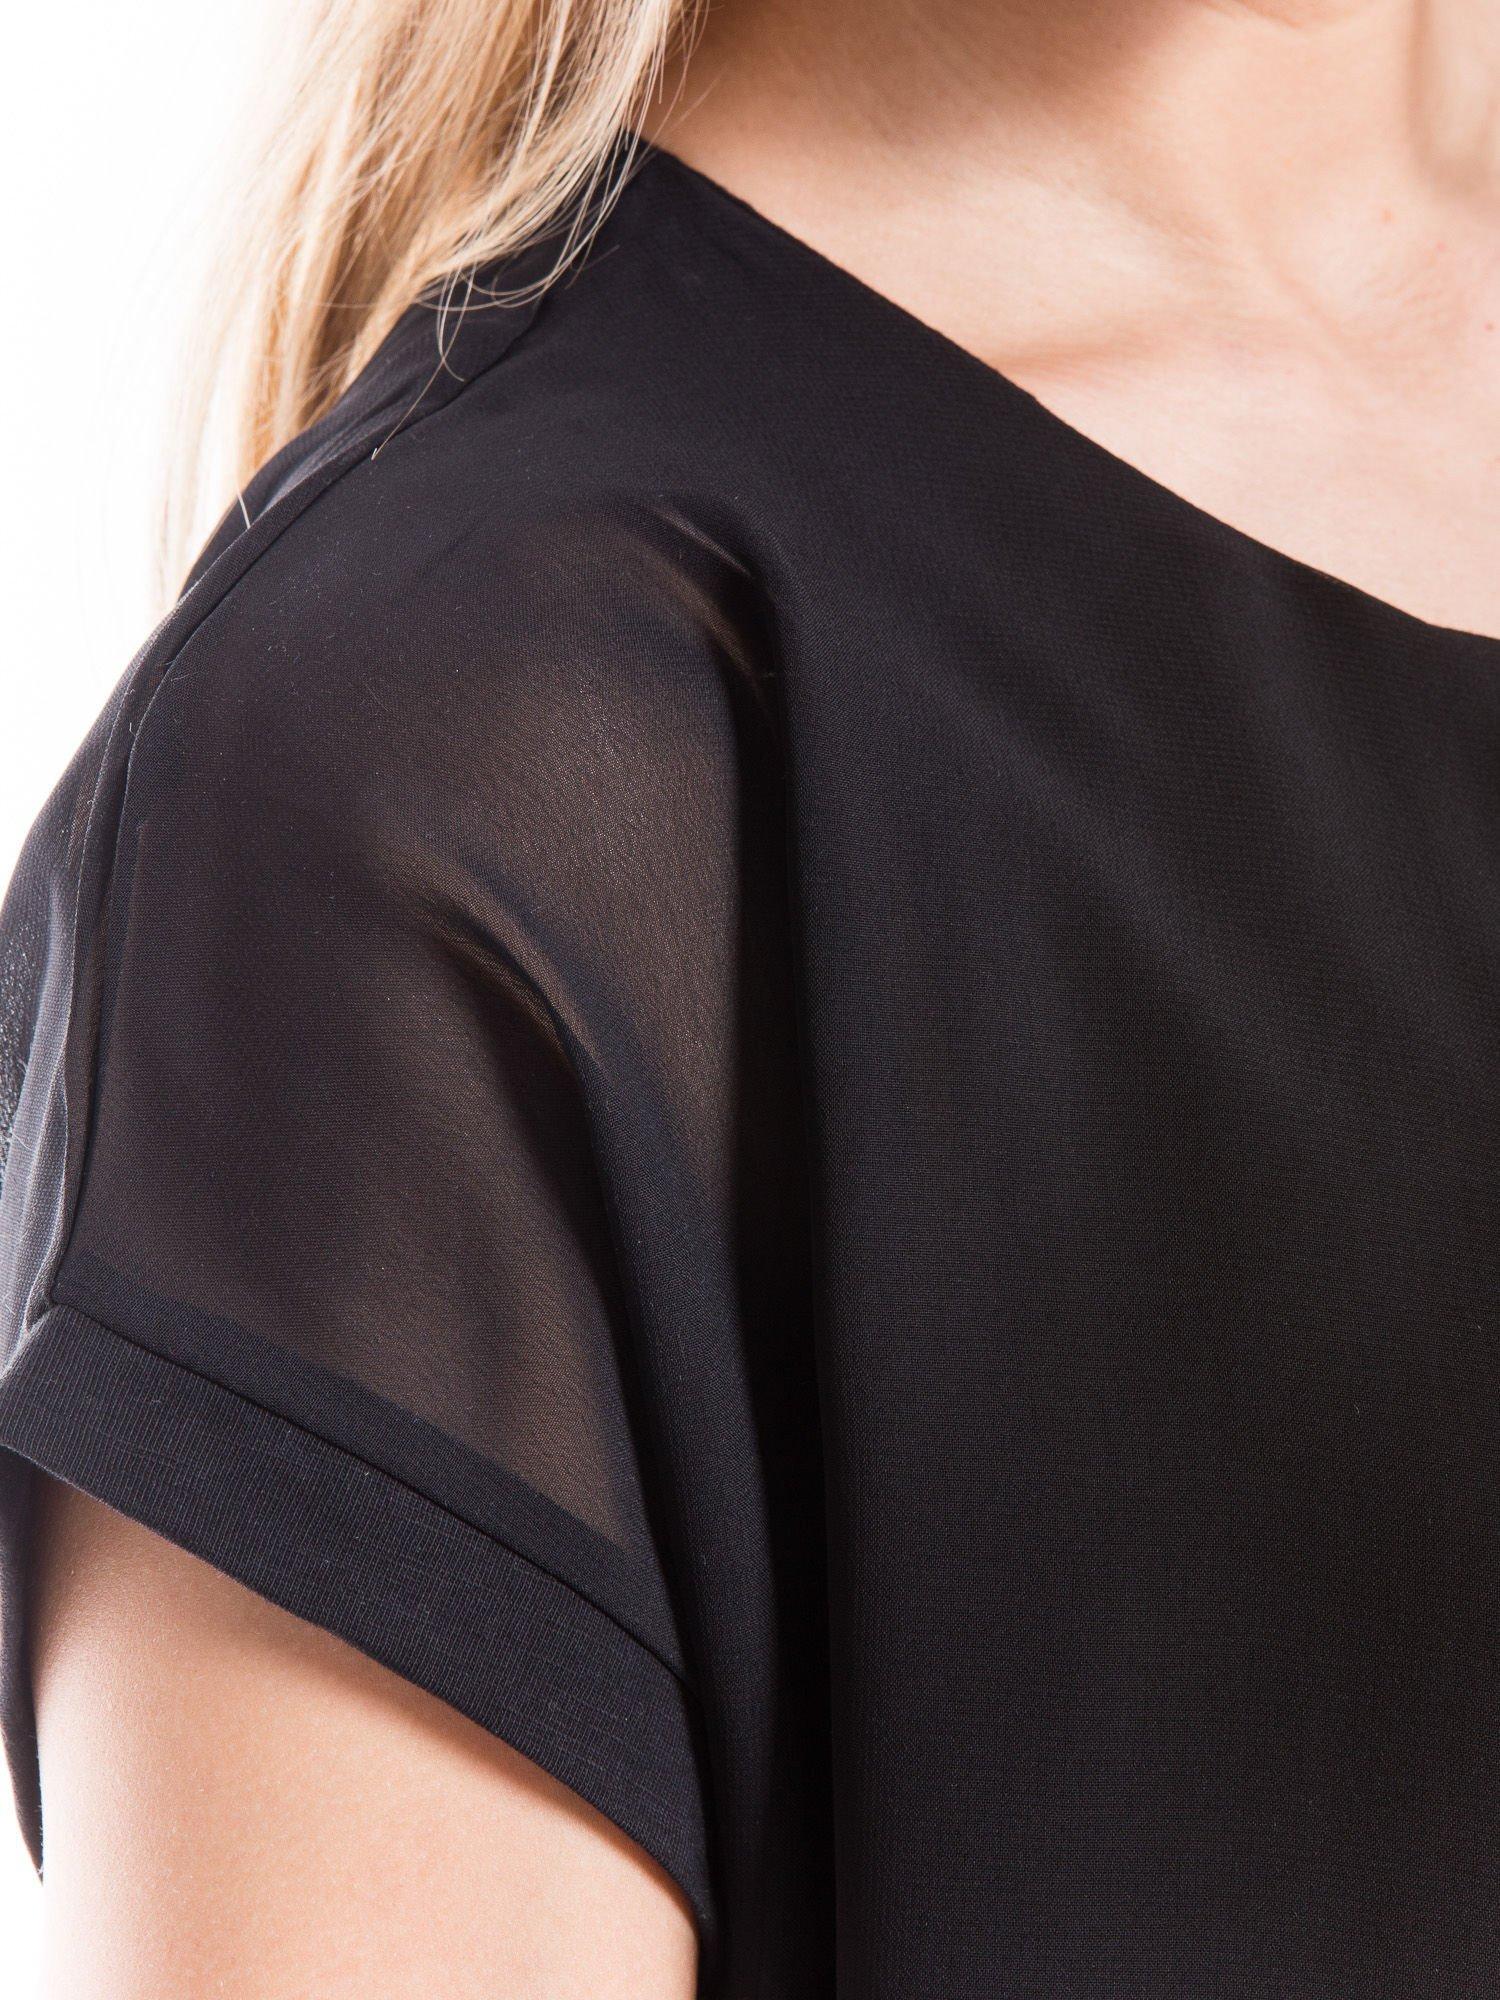 Czarny zwiewny t-shirt z plisami na dekolcie                                  zdj.                                  5